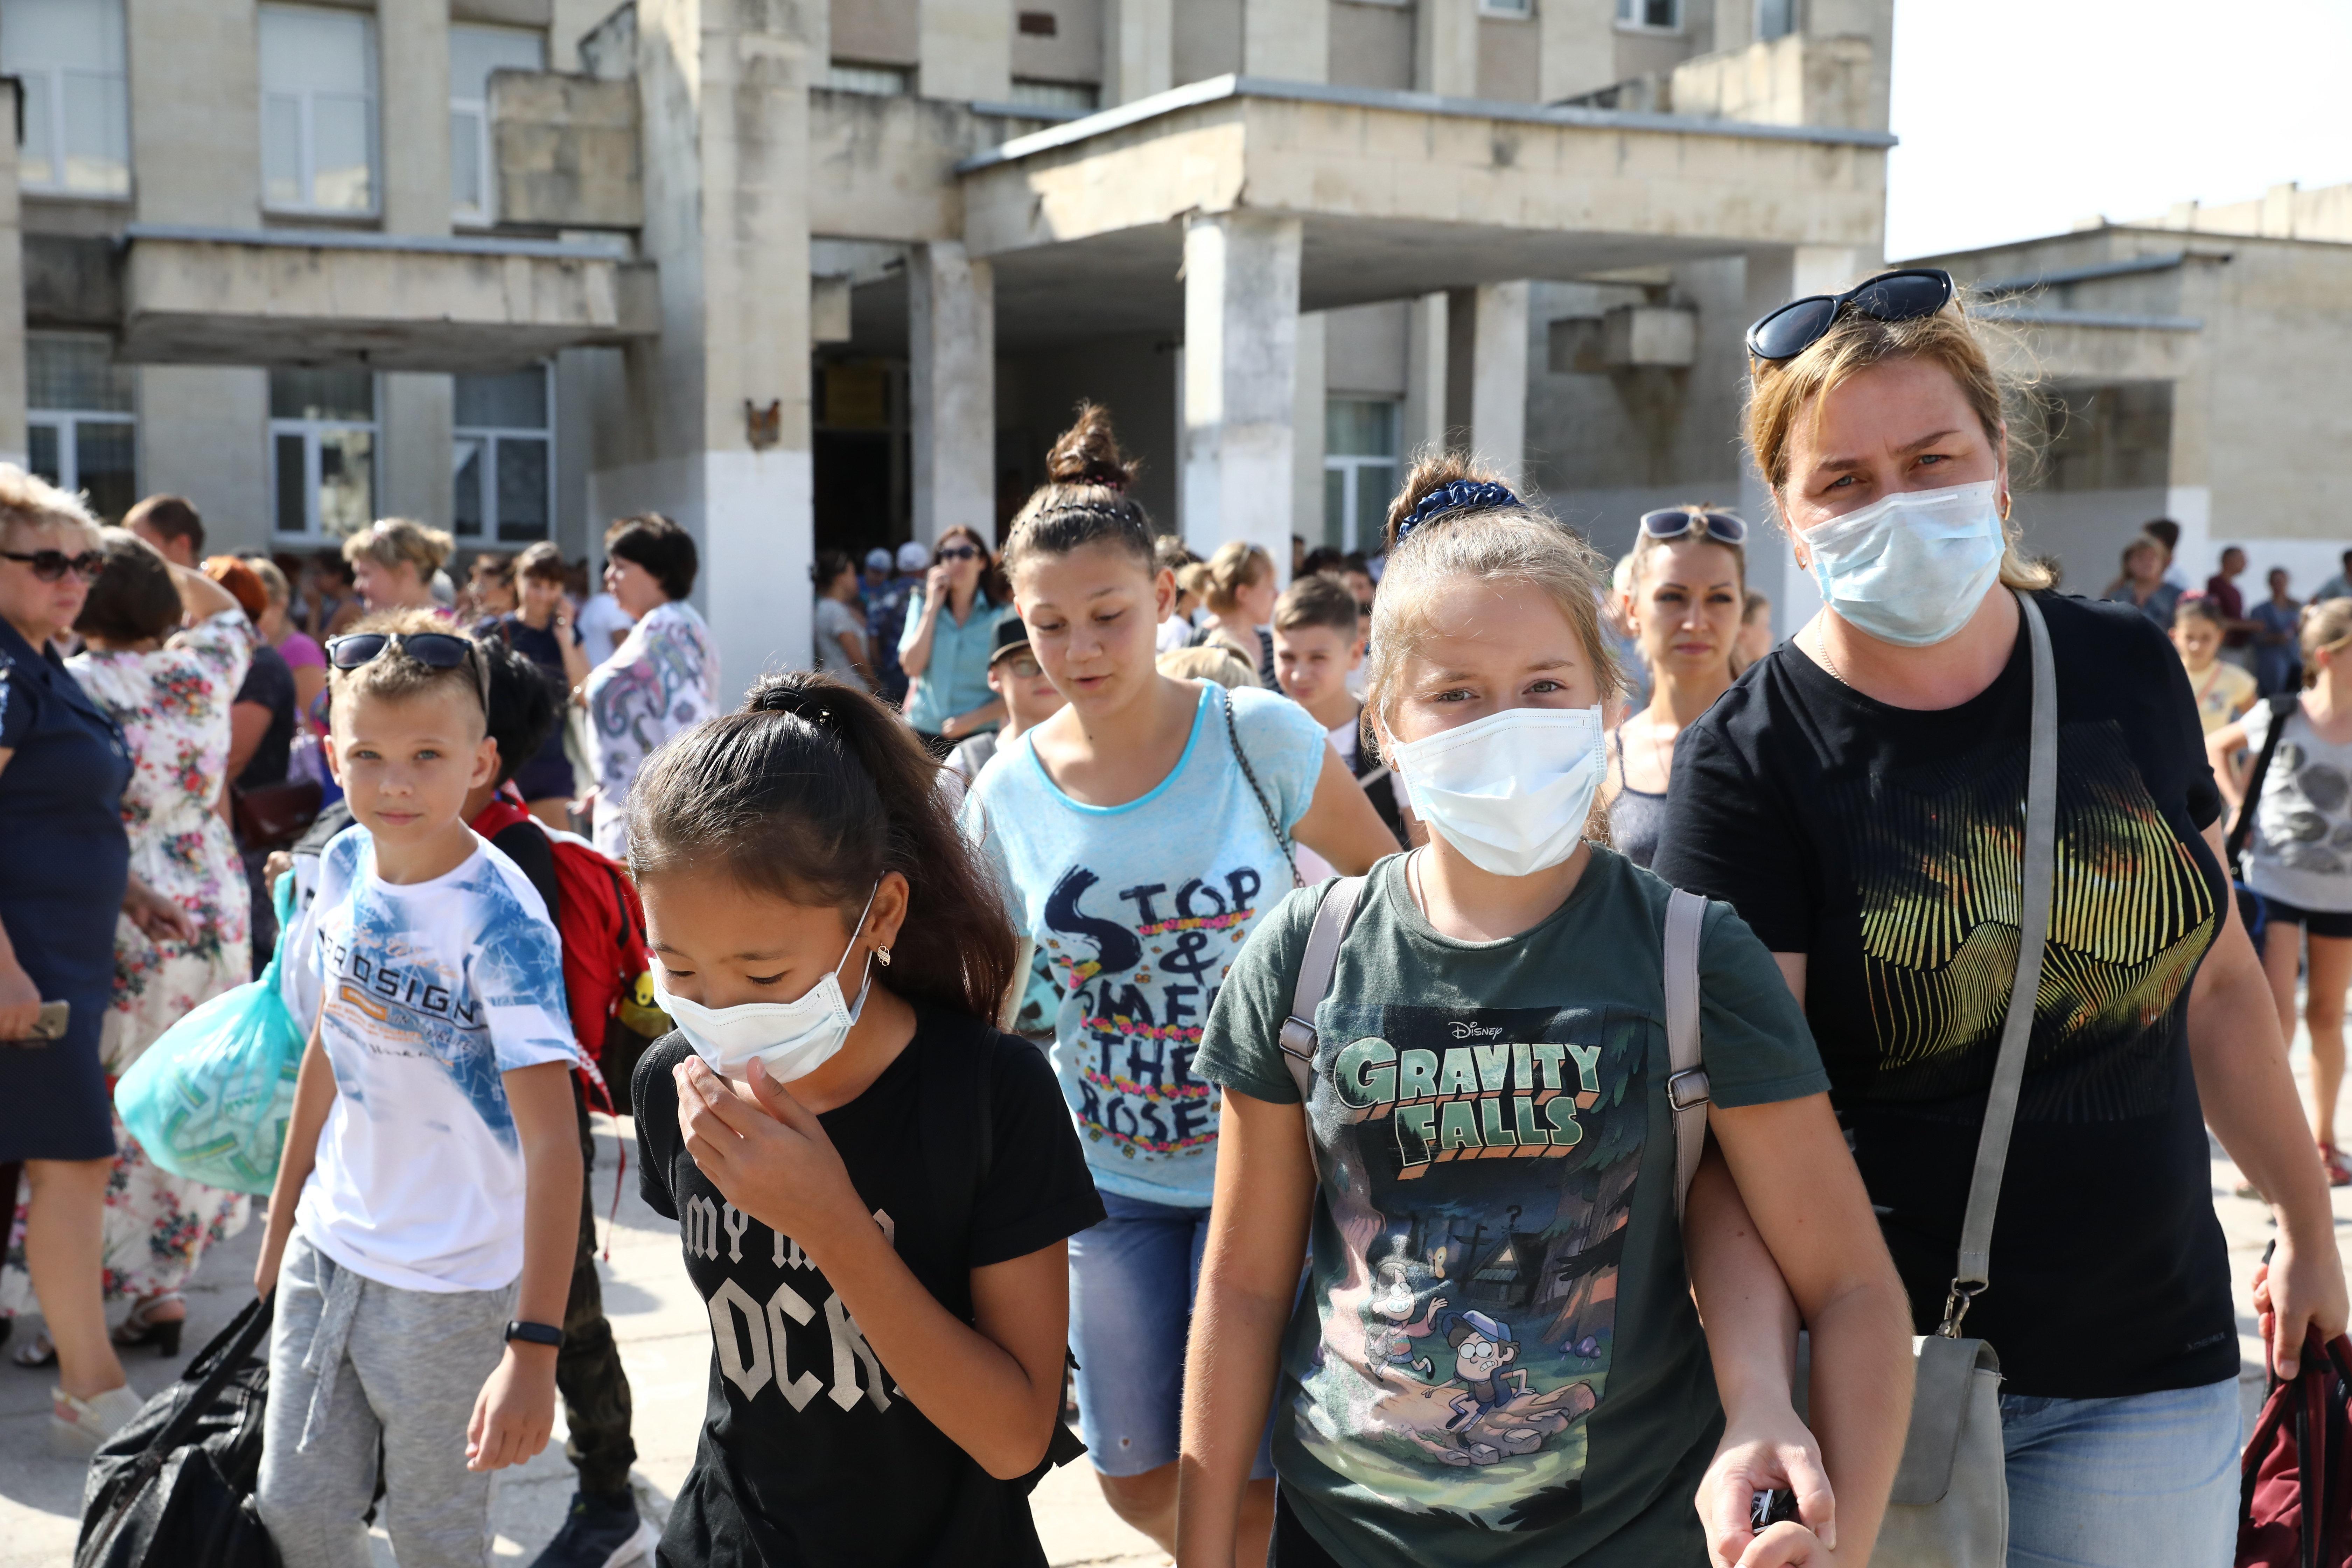 Χιλιάδες άνθρωποι εγκατέλειψαν τα σπίτια τους στην Κριμαία λόγω βιομηχανικής ρύπανσης που έμεινε κρυφή για